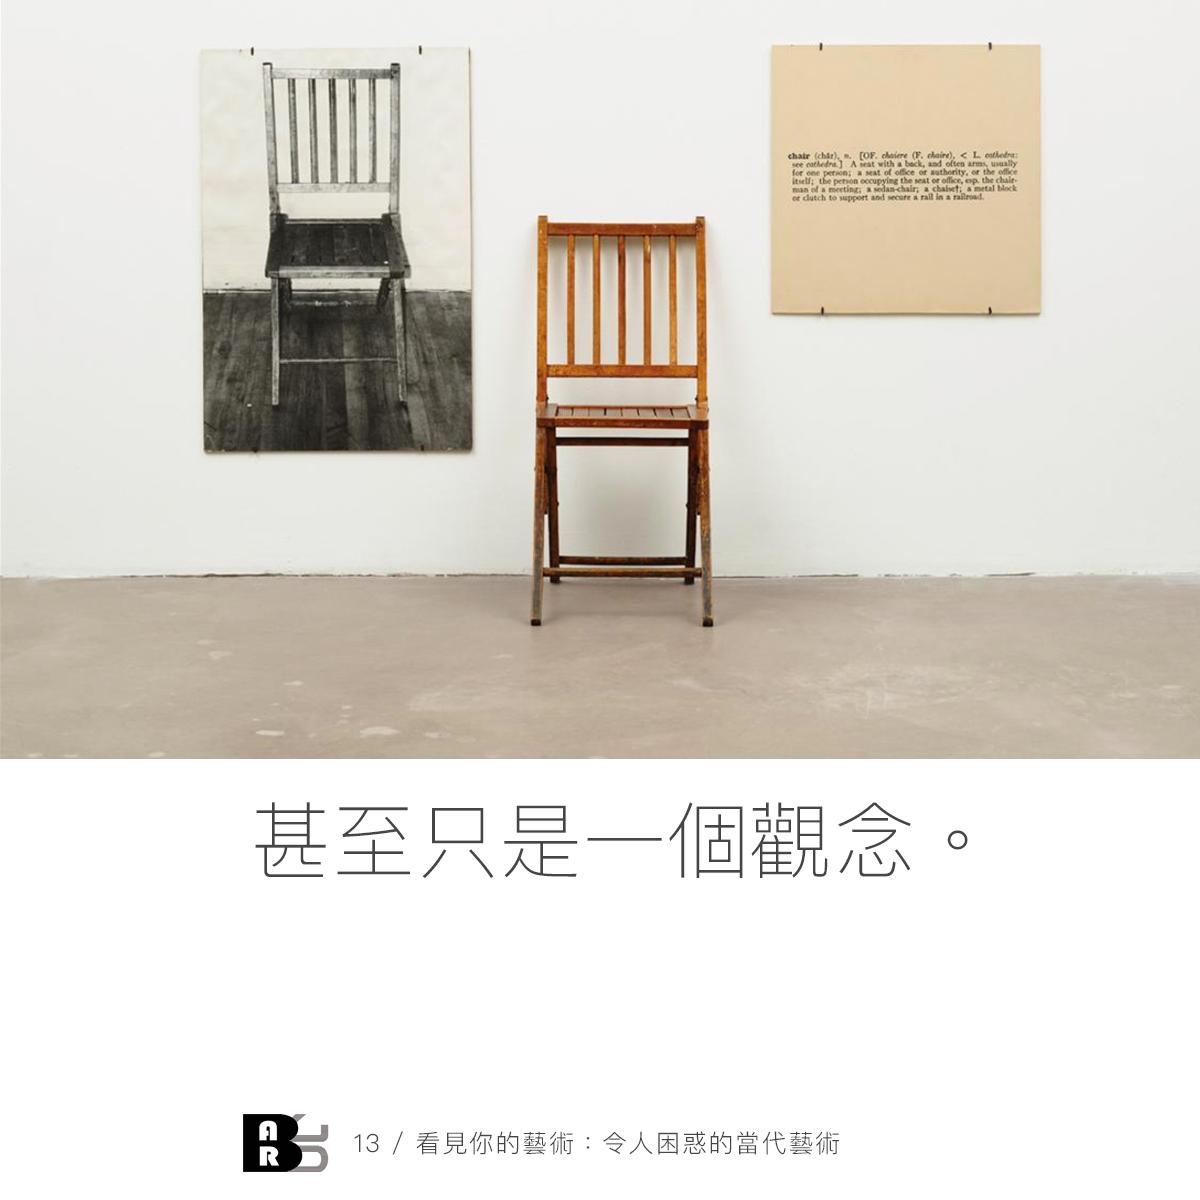 科史士(Joseph Kosuth),《一與三張椅子》,1965。